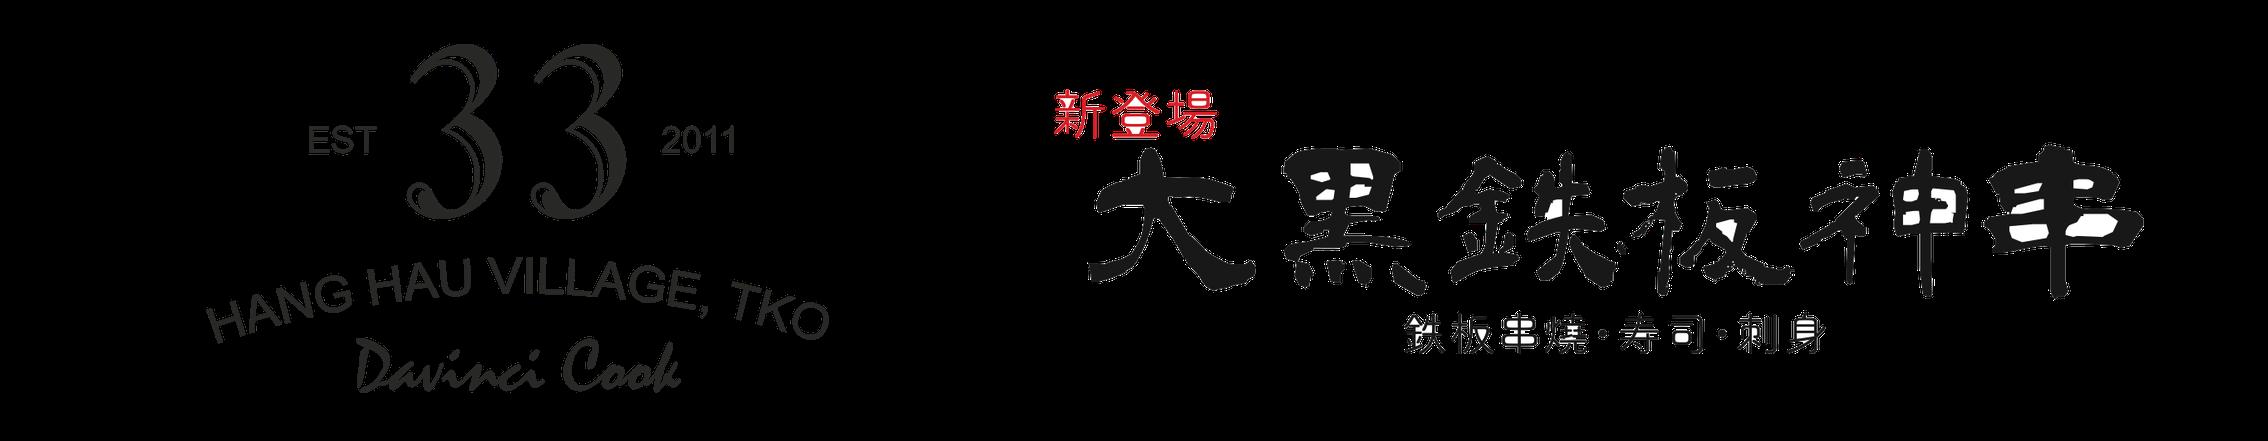 將軍澳外賣速遞 TKO Davinci Cook x 大黑鐵板神串 - tko.orderfood.hk